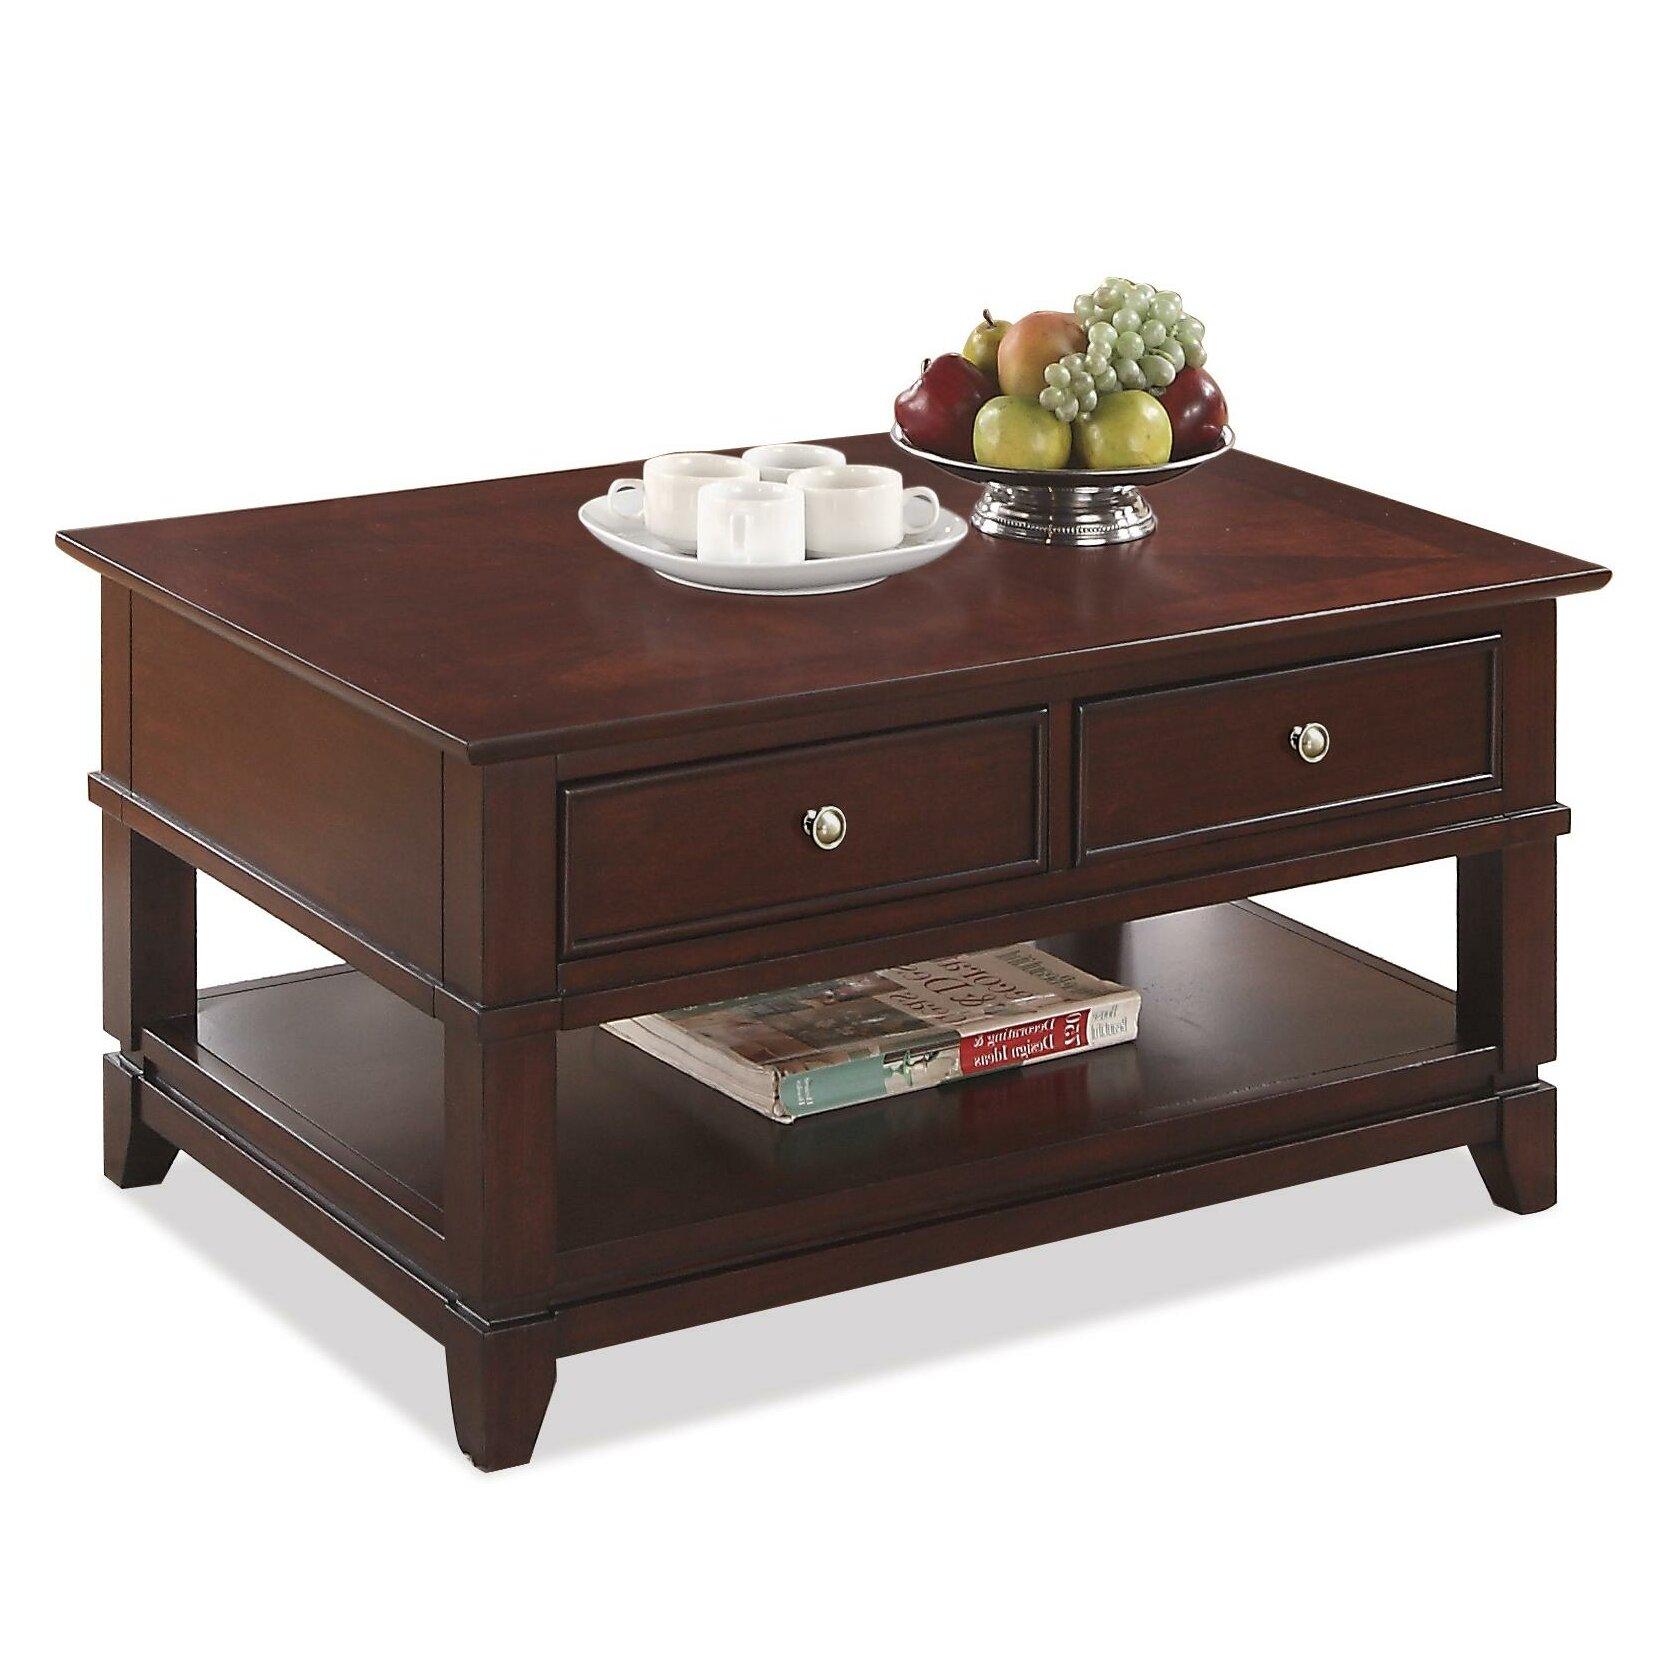 Riverside Furniture Marlowe Coffee Table Reviews Wayfair